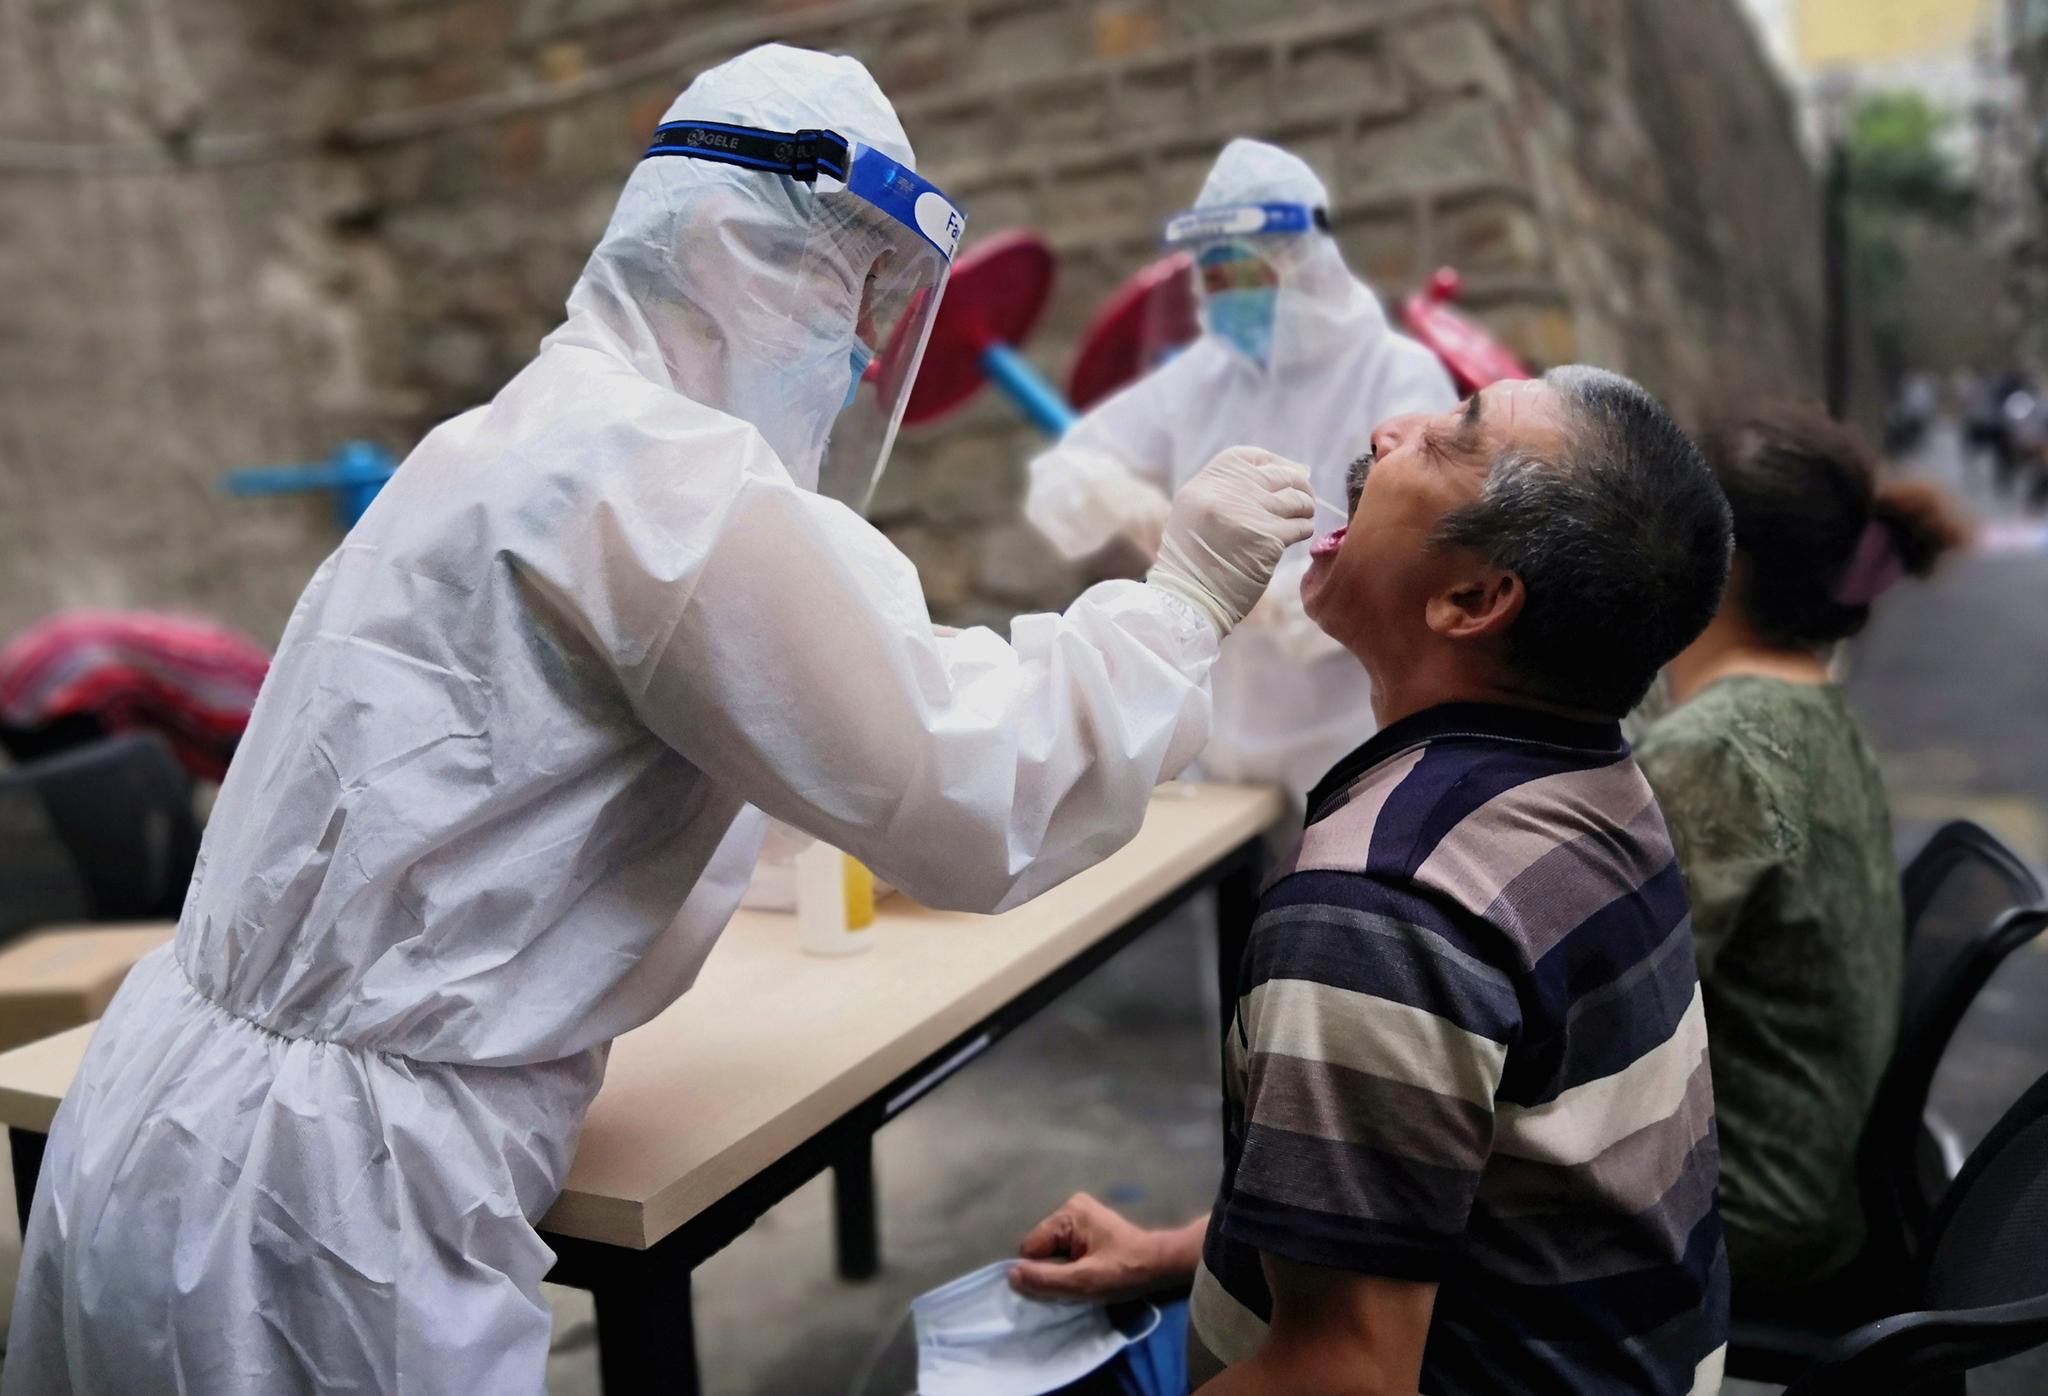 사진은 지난 7월 코로나19가 확산한 신장위구르자치구의 우루무치시에서 방호복을 입은 의료진이 주민을 대상으로 핵산검사를 하고 있는 모습. 로이터=연합뉴스